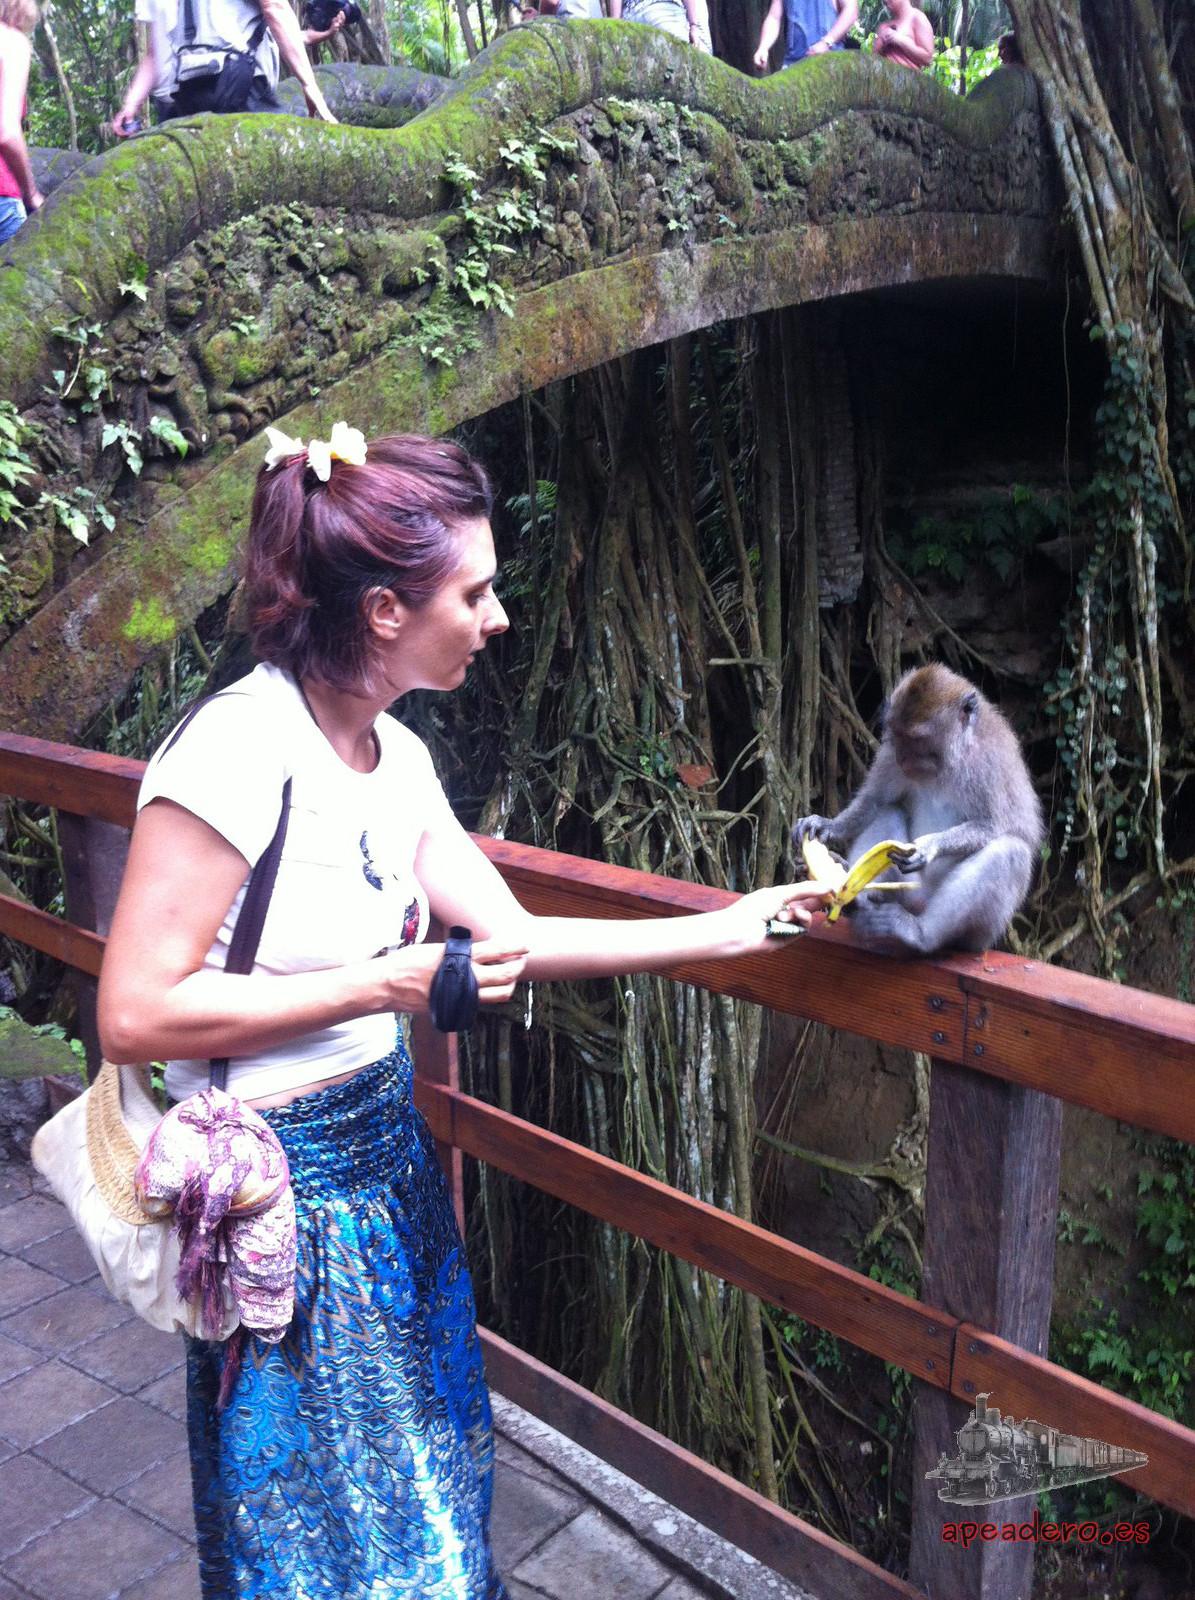 Los encantos de Ubud tienen más que ver con los valores tradicionales de Bali, como el bosque sagrado de los monos.